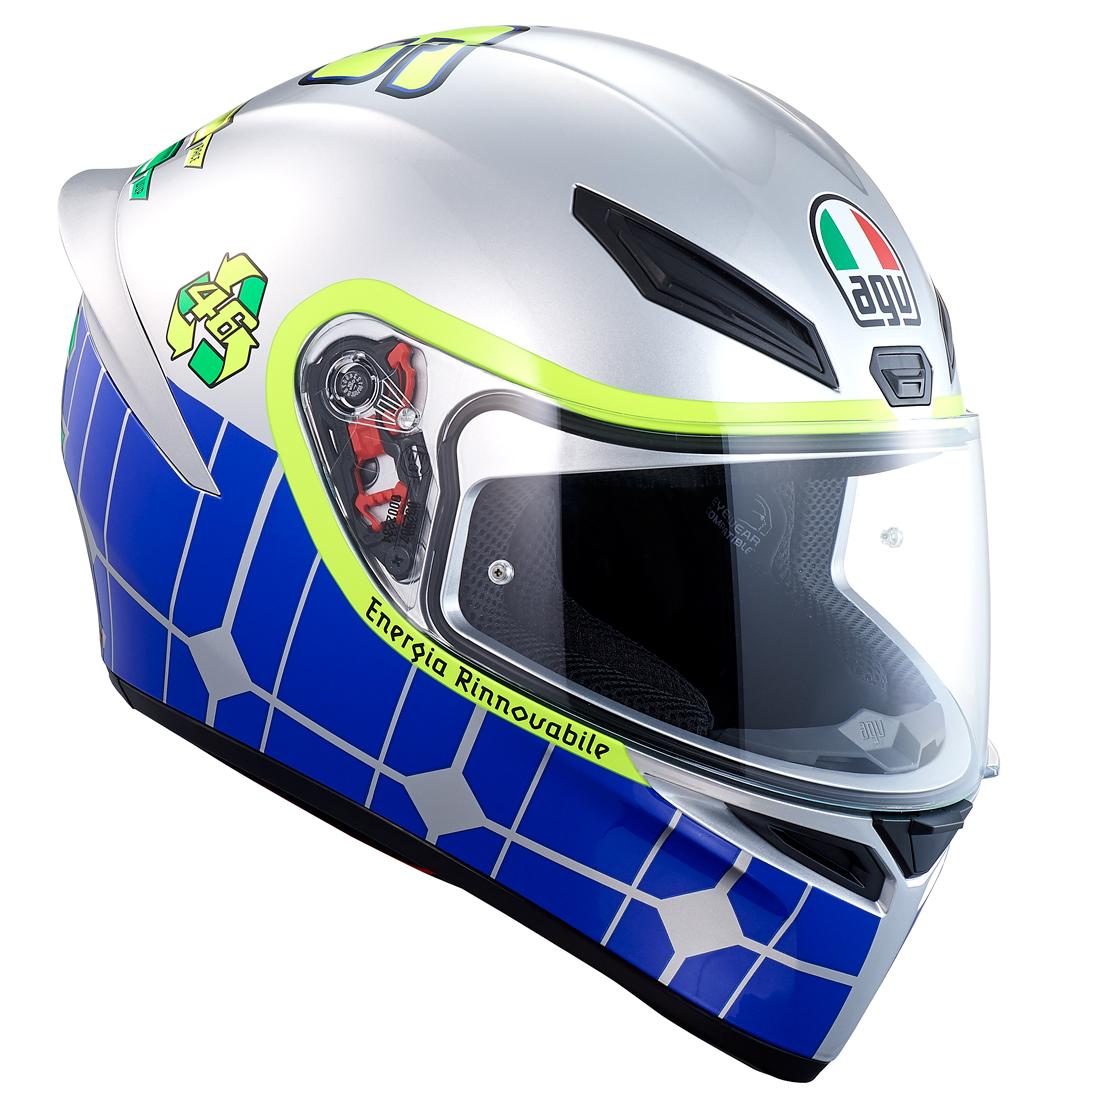 AGV フルフェイスヘルメット K1 007-ROSSI MUGELLO 2015 Mサイズ